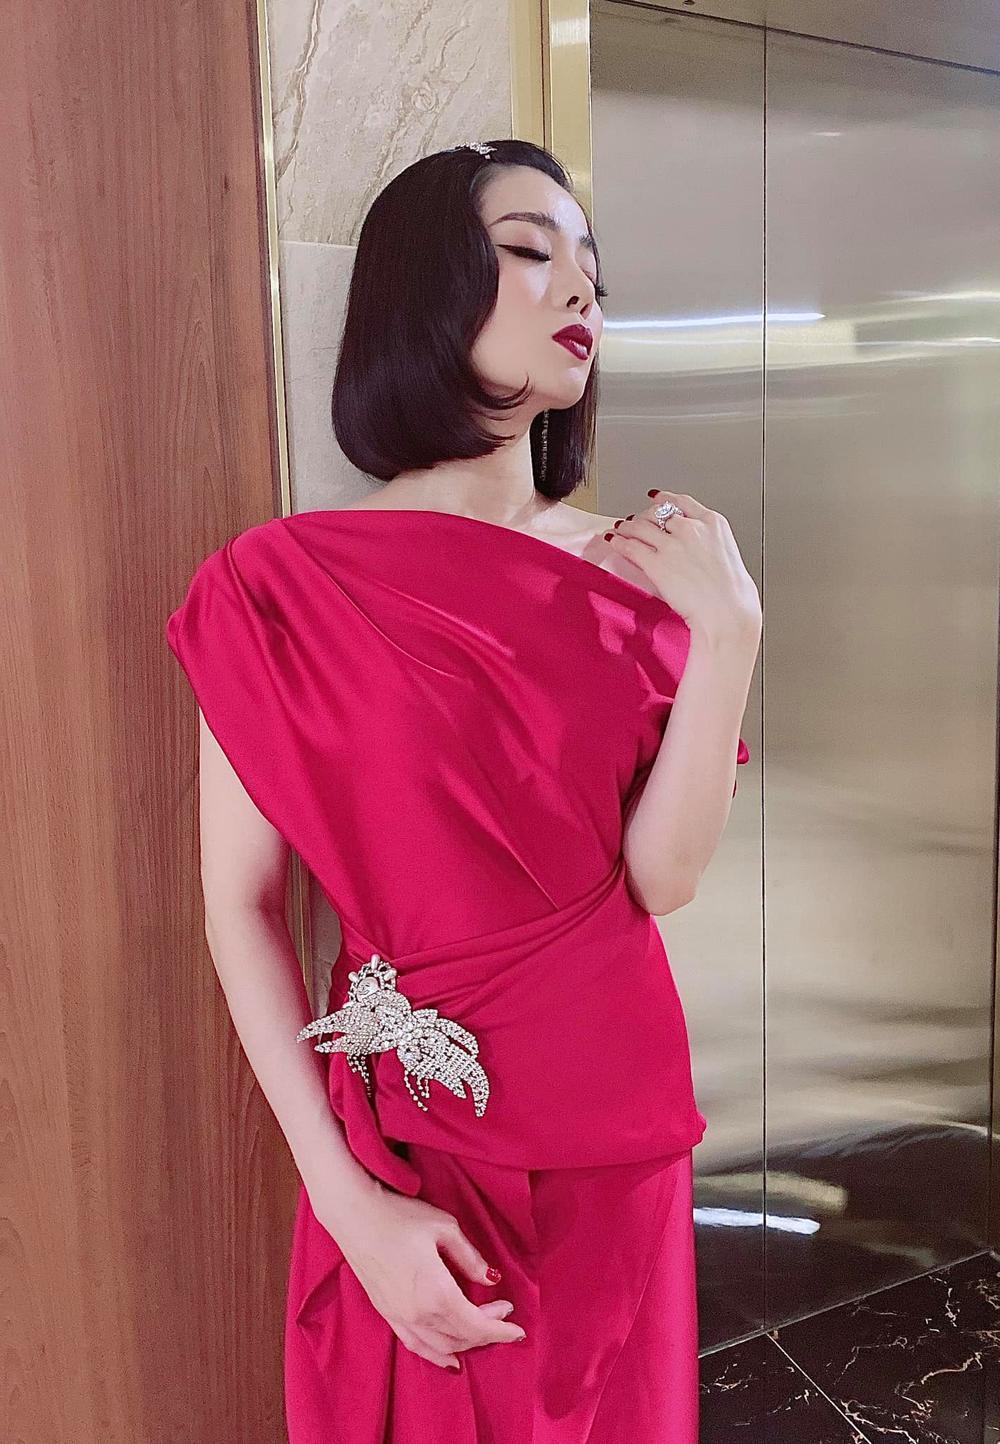 Hậu ly hôn, Lệ Quyên trông lạ với tóc ngắn diện kiểu váy màu hồng chóe nổi bật xuống phố Ảnh 1